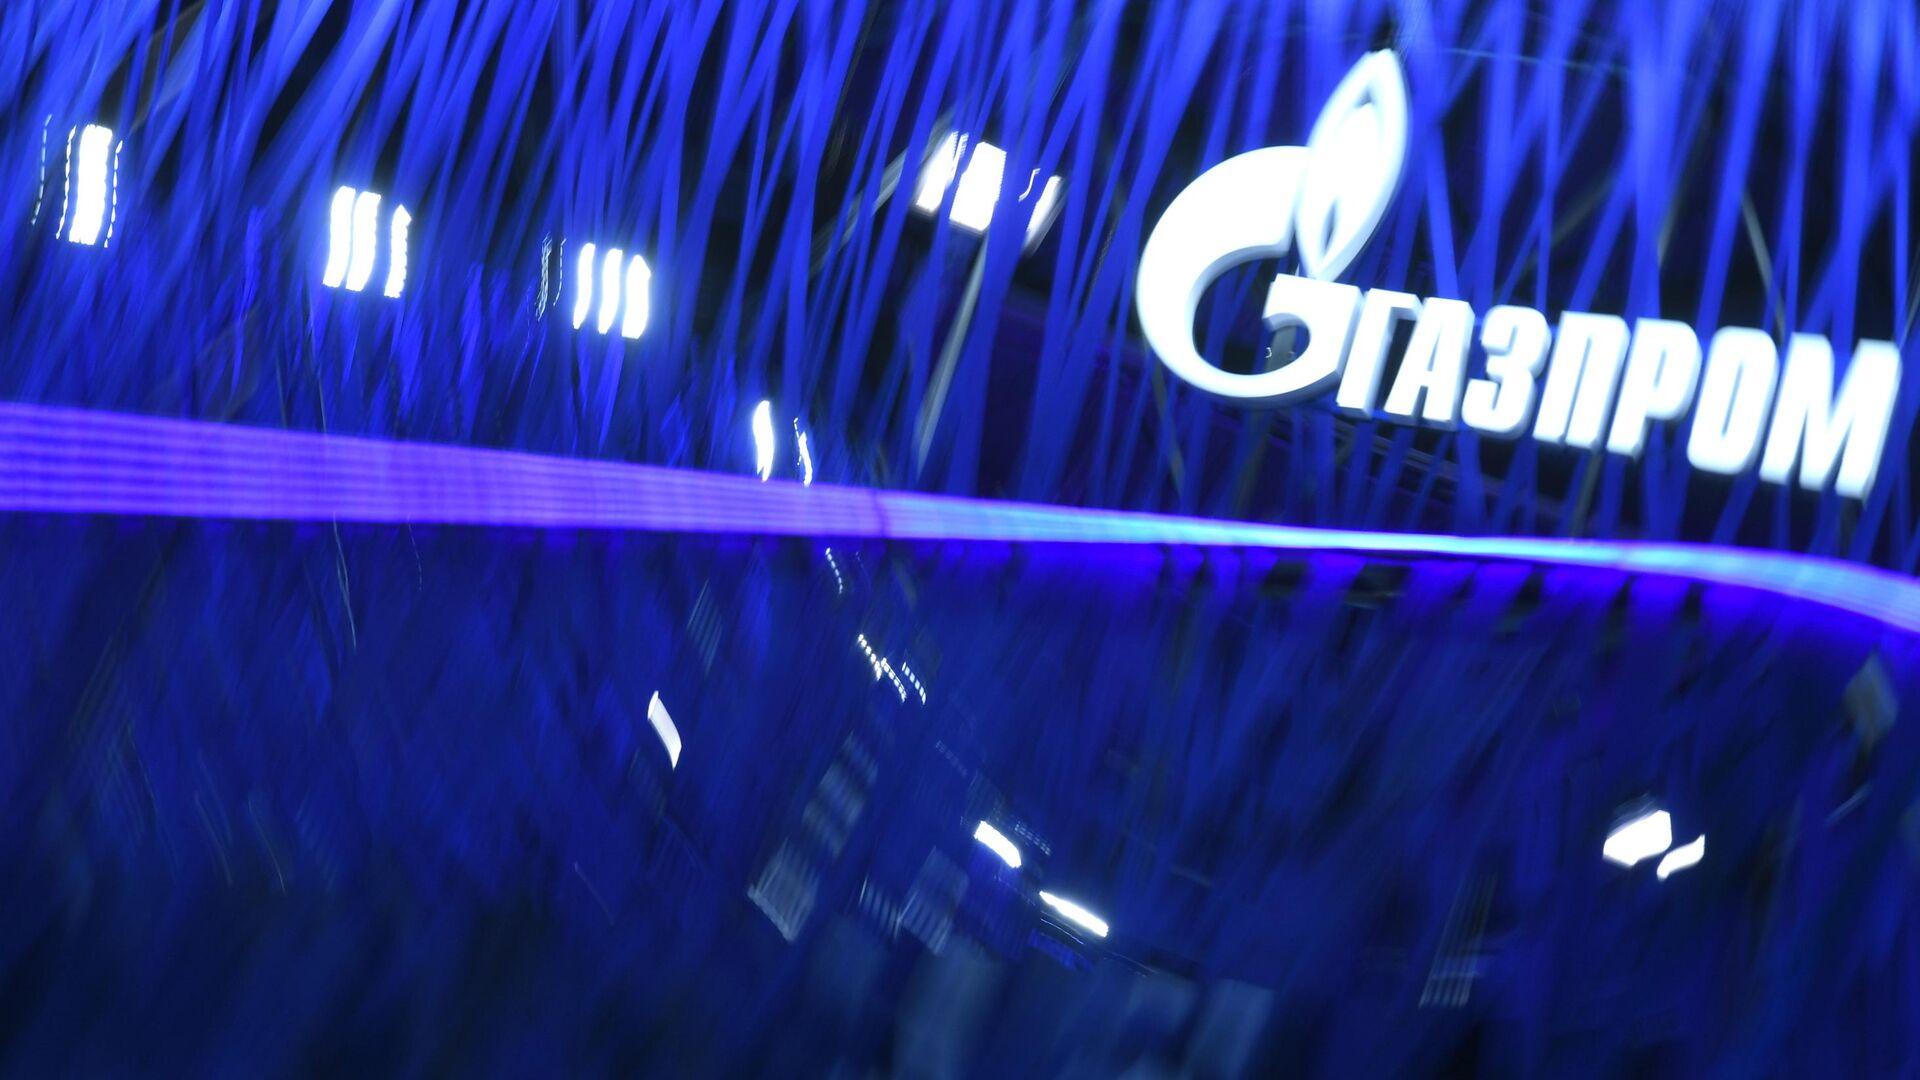 Стенд компании Газпром на Петербургском международном экономическом форуме 2019 - РИА Новости, 1920, 17.09.2021